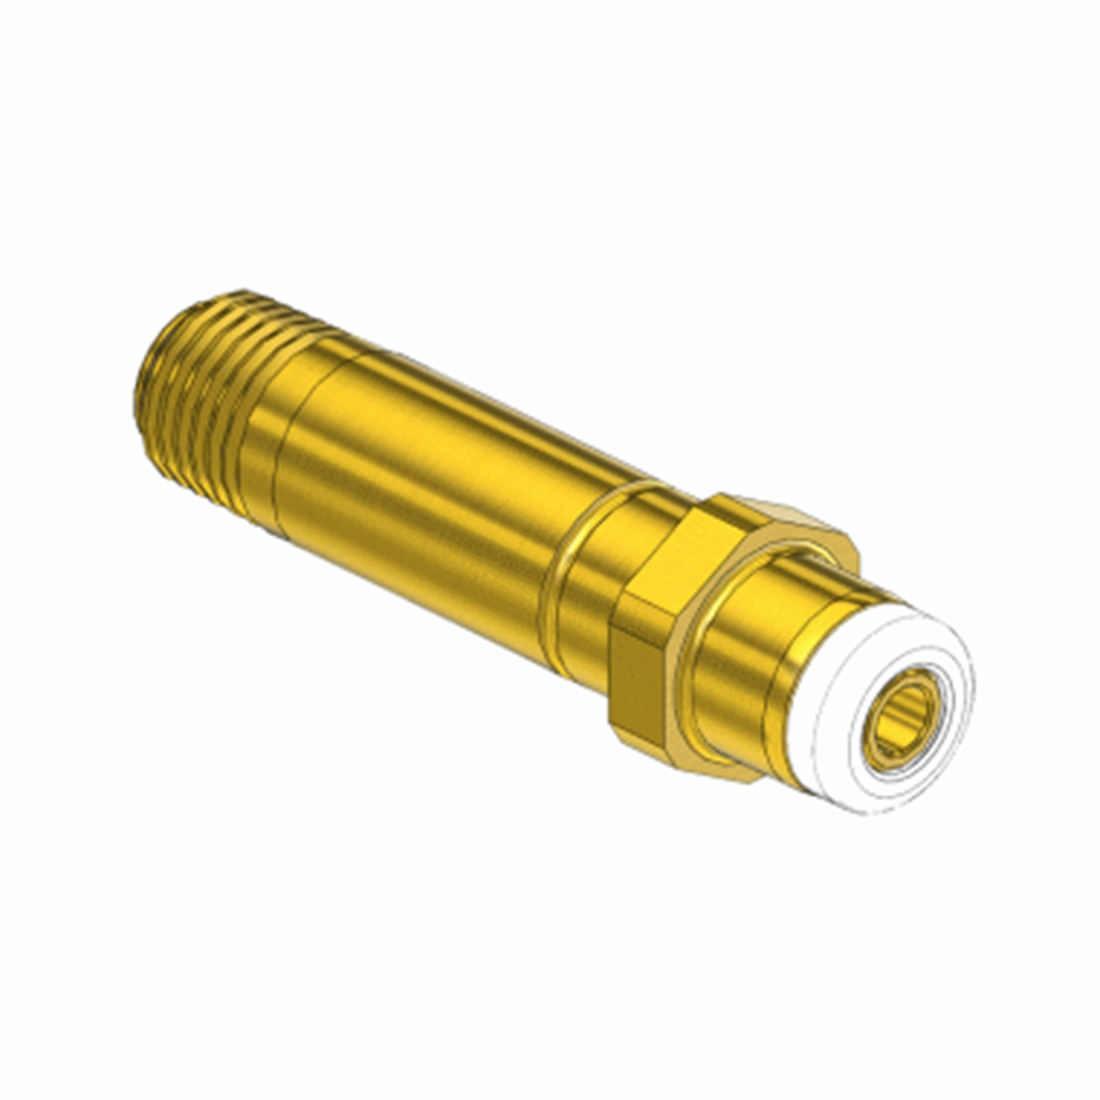 CGA-540 (NP-211T1) Handtighten Inlet Nipple